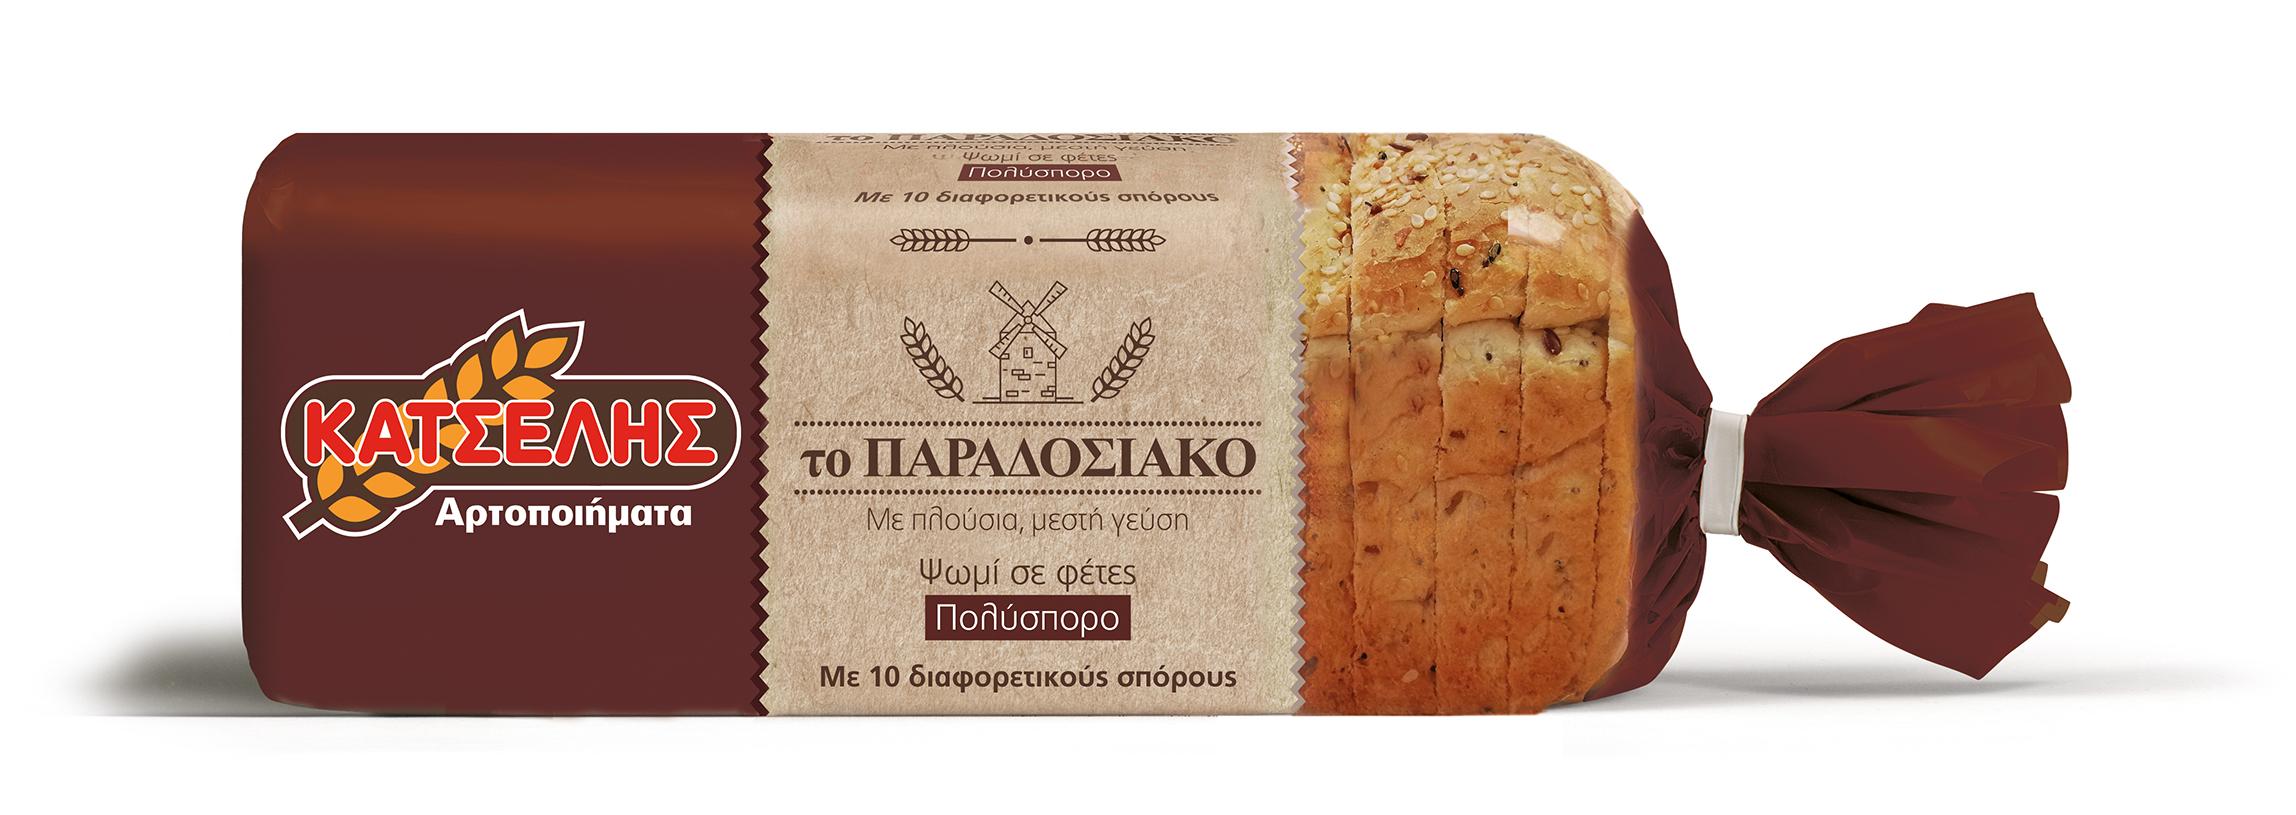 Ψωμί του τόστ Πολύσπορο Το Παραδοσιακό Κατσέλης (500 g)